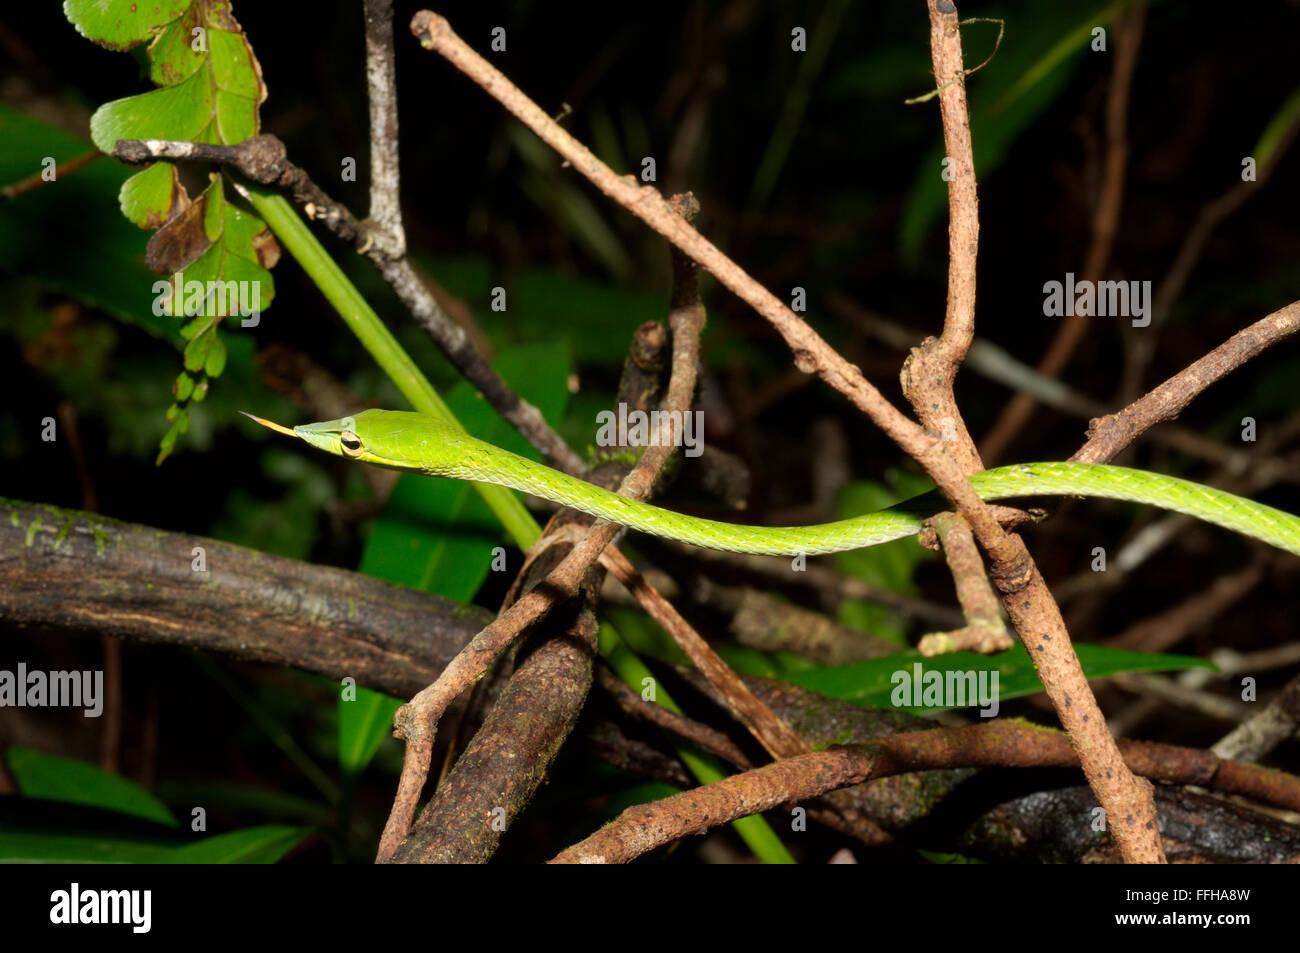 Long-nosed Tree Snake, Green vine snake, Long-nosed Whip Snake or Asian vine snake (Ahaetulla nasuta) Sinharaja Forest Reserve,  Stock Photo